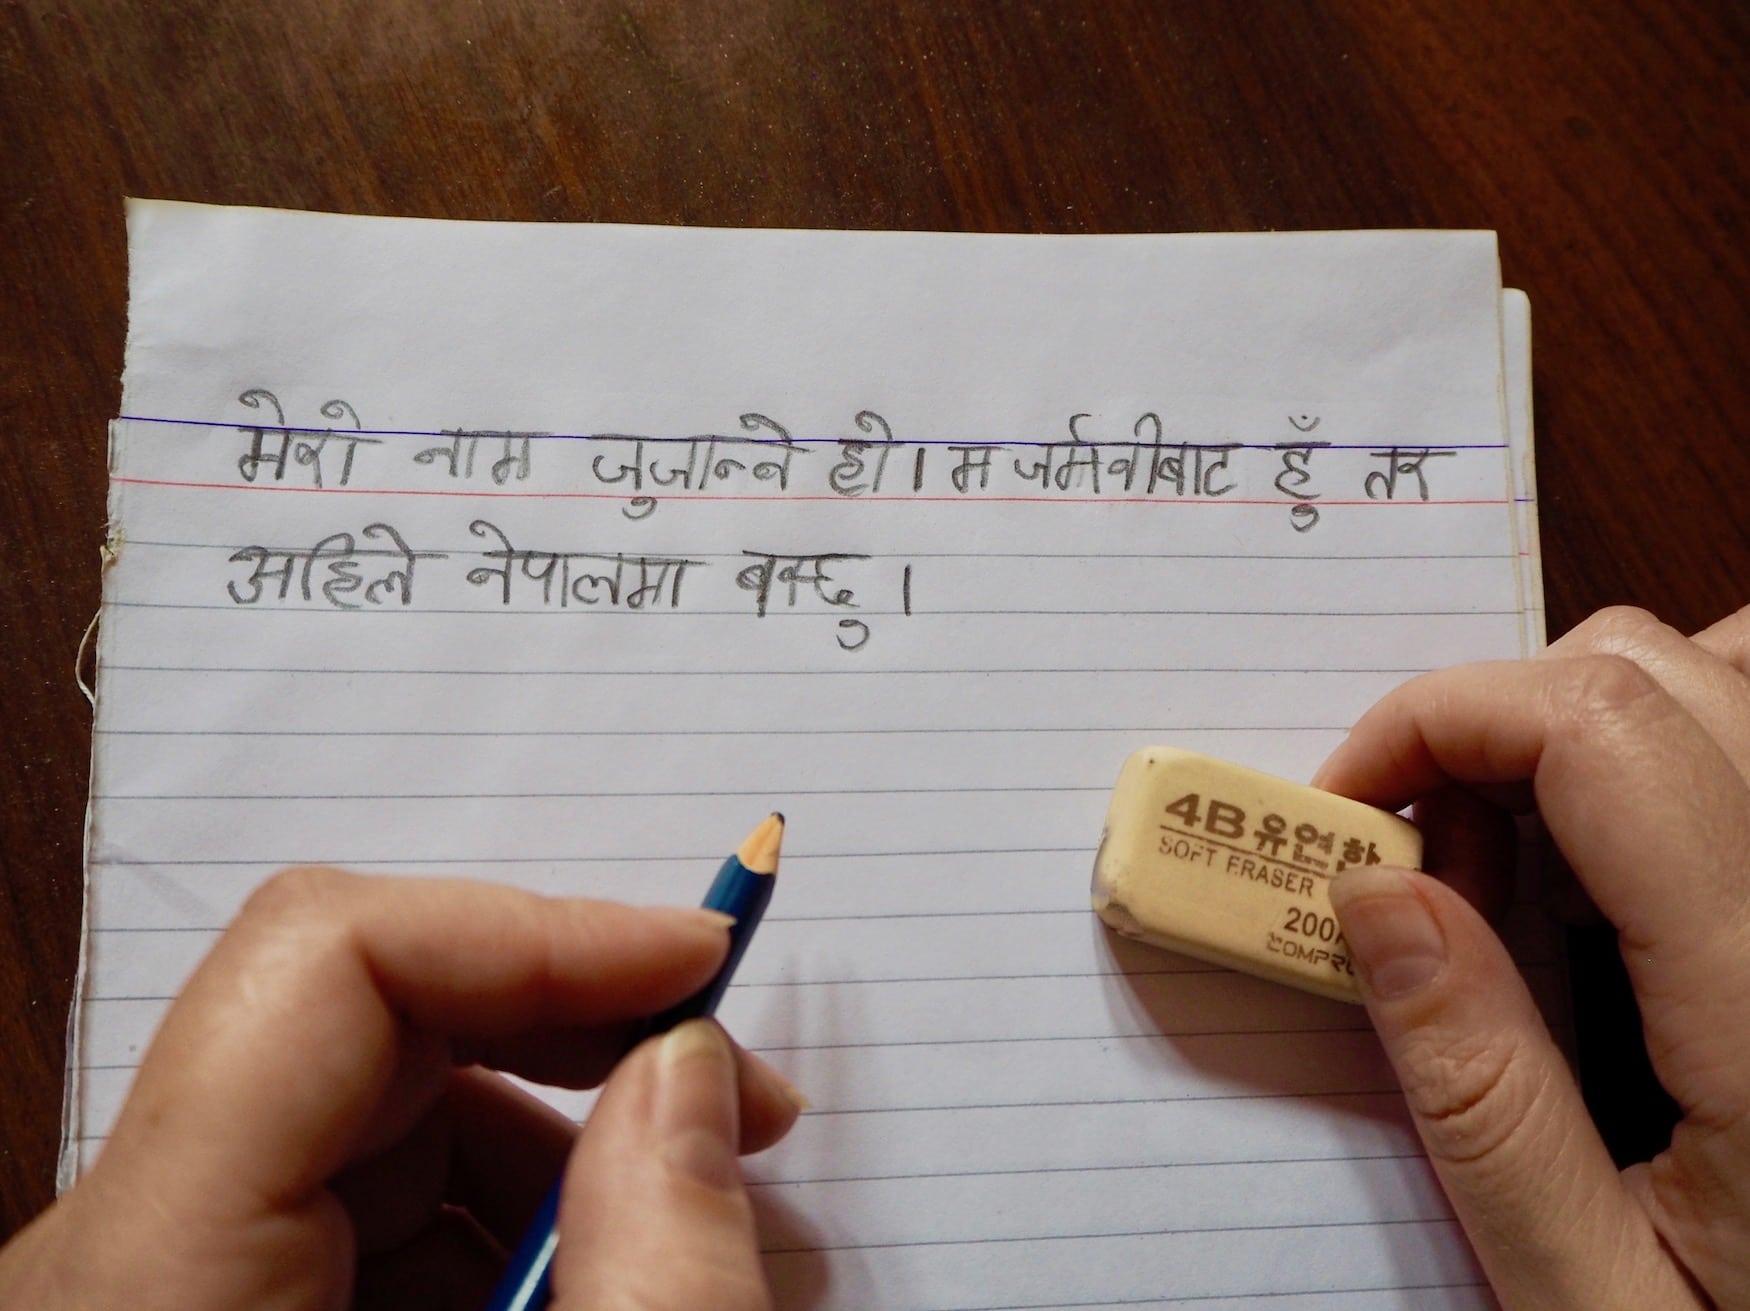 Frau hält Bleistift und Radiergummi und lernt nepalesische Schriftzeichen